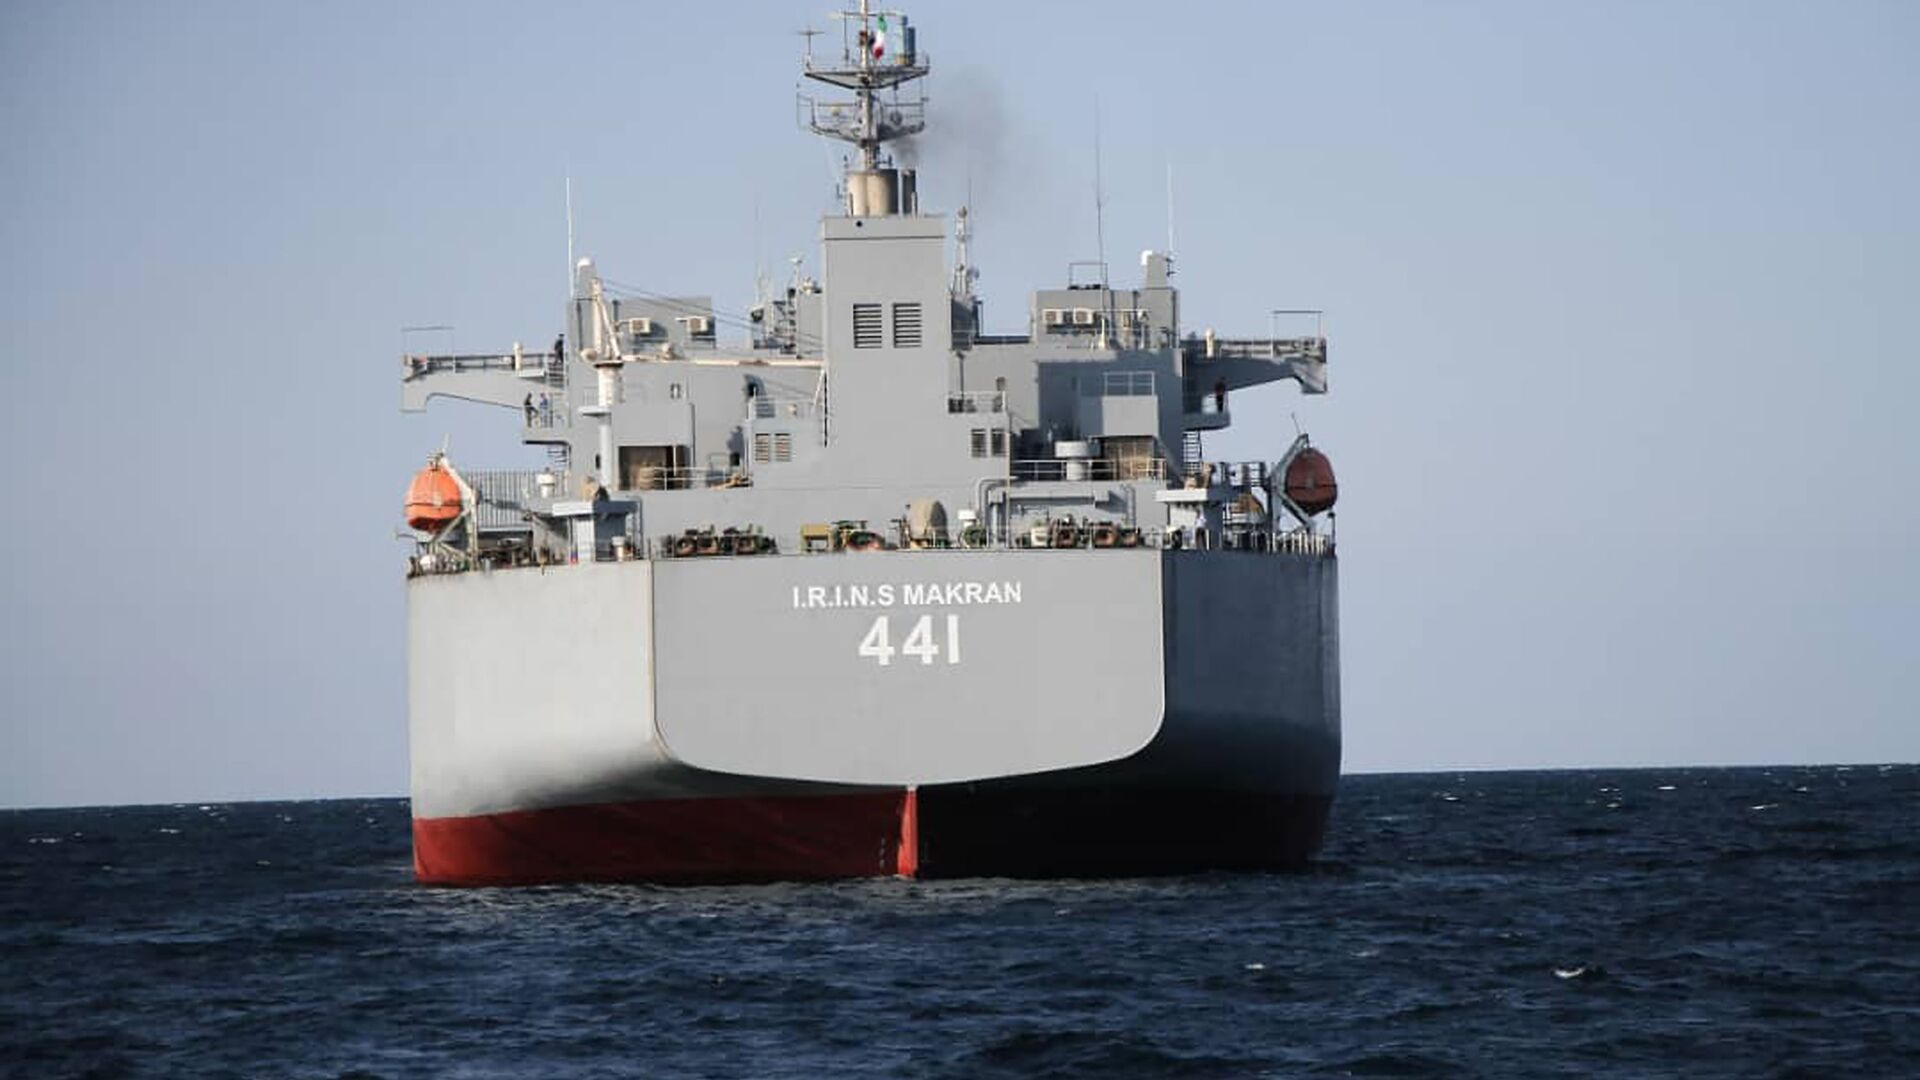 El buque de guerra de fabricación iraní Makran - Sputnik Mundo, 1920, 31.05.2021